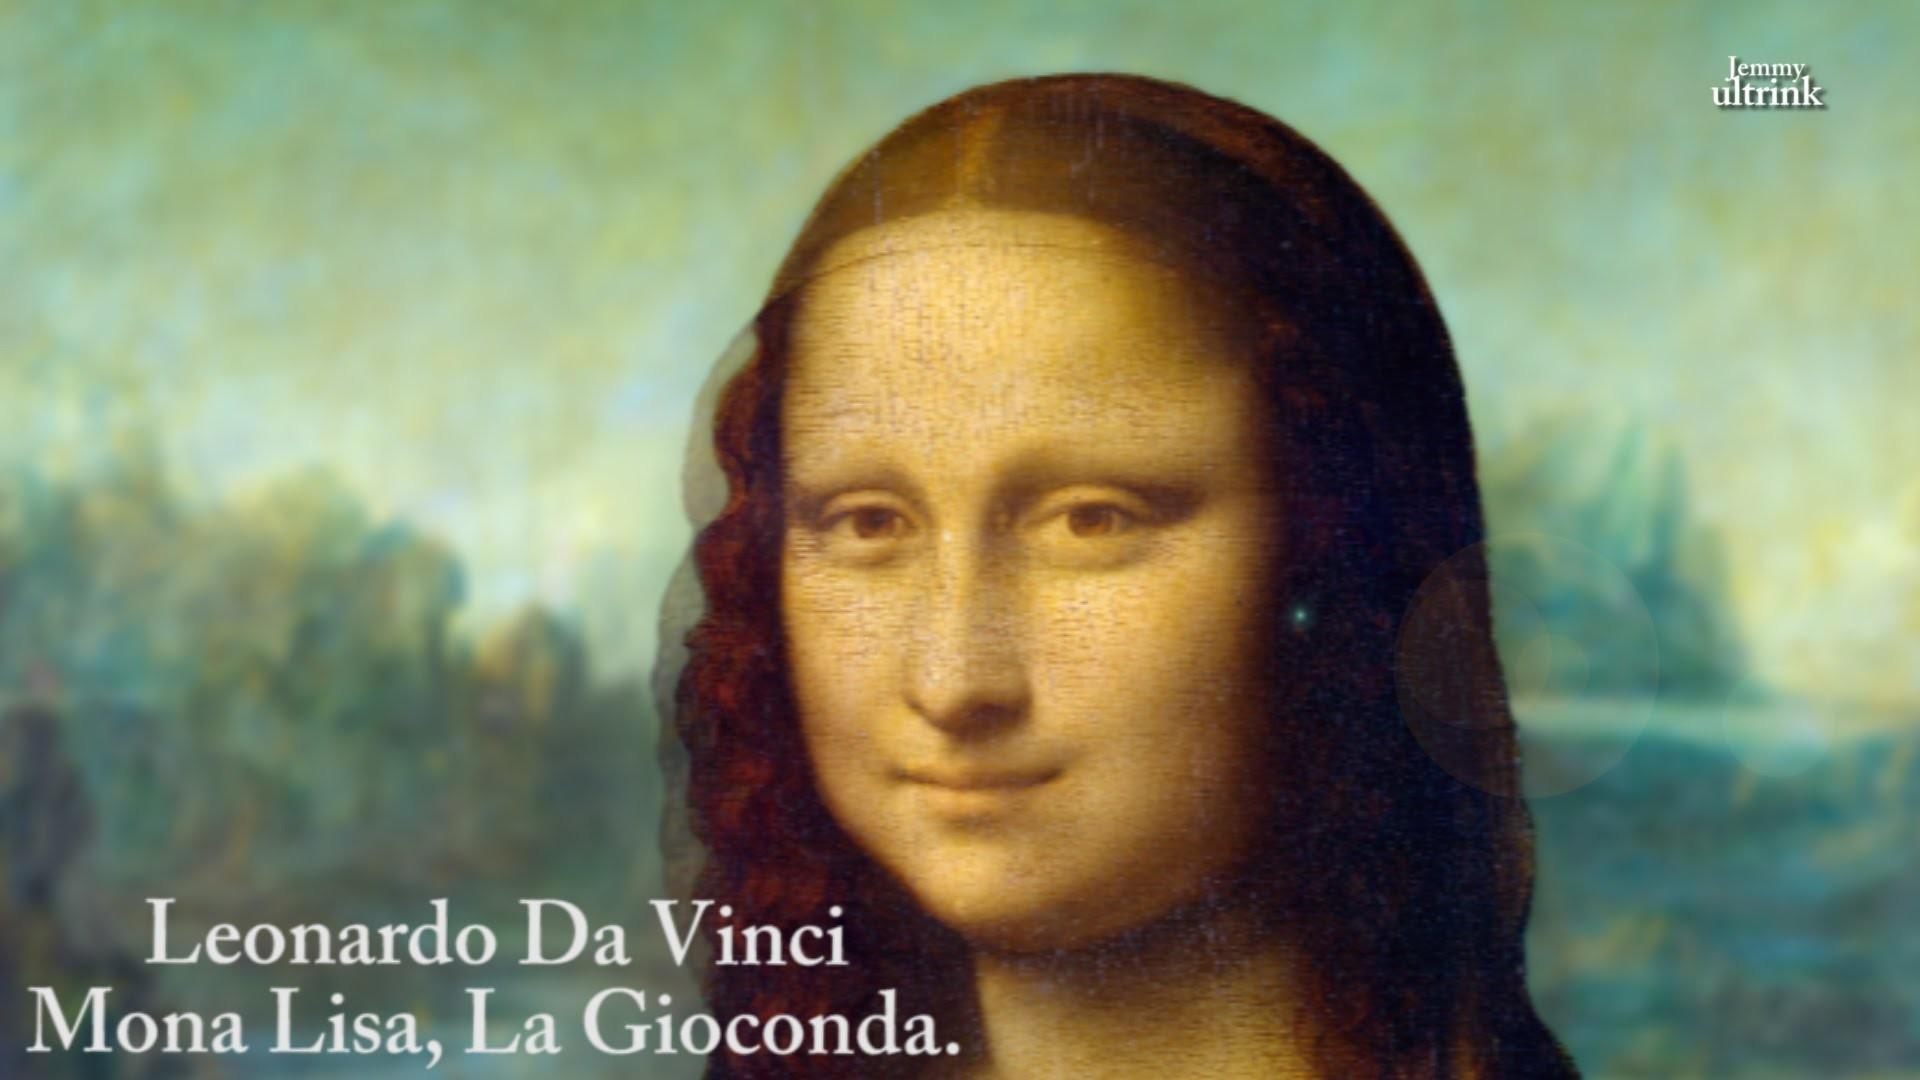 мона лиза леонардо да винчи в большом разрешении